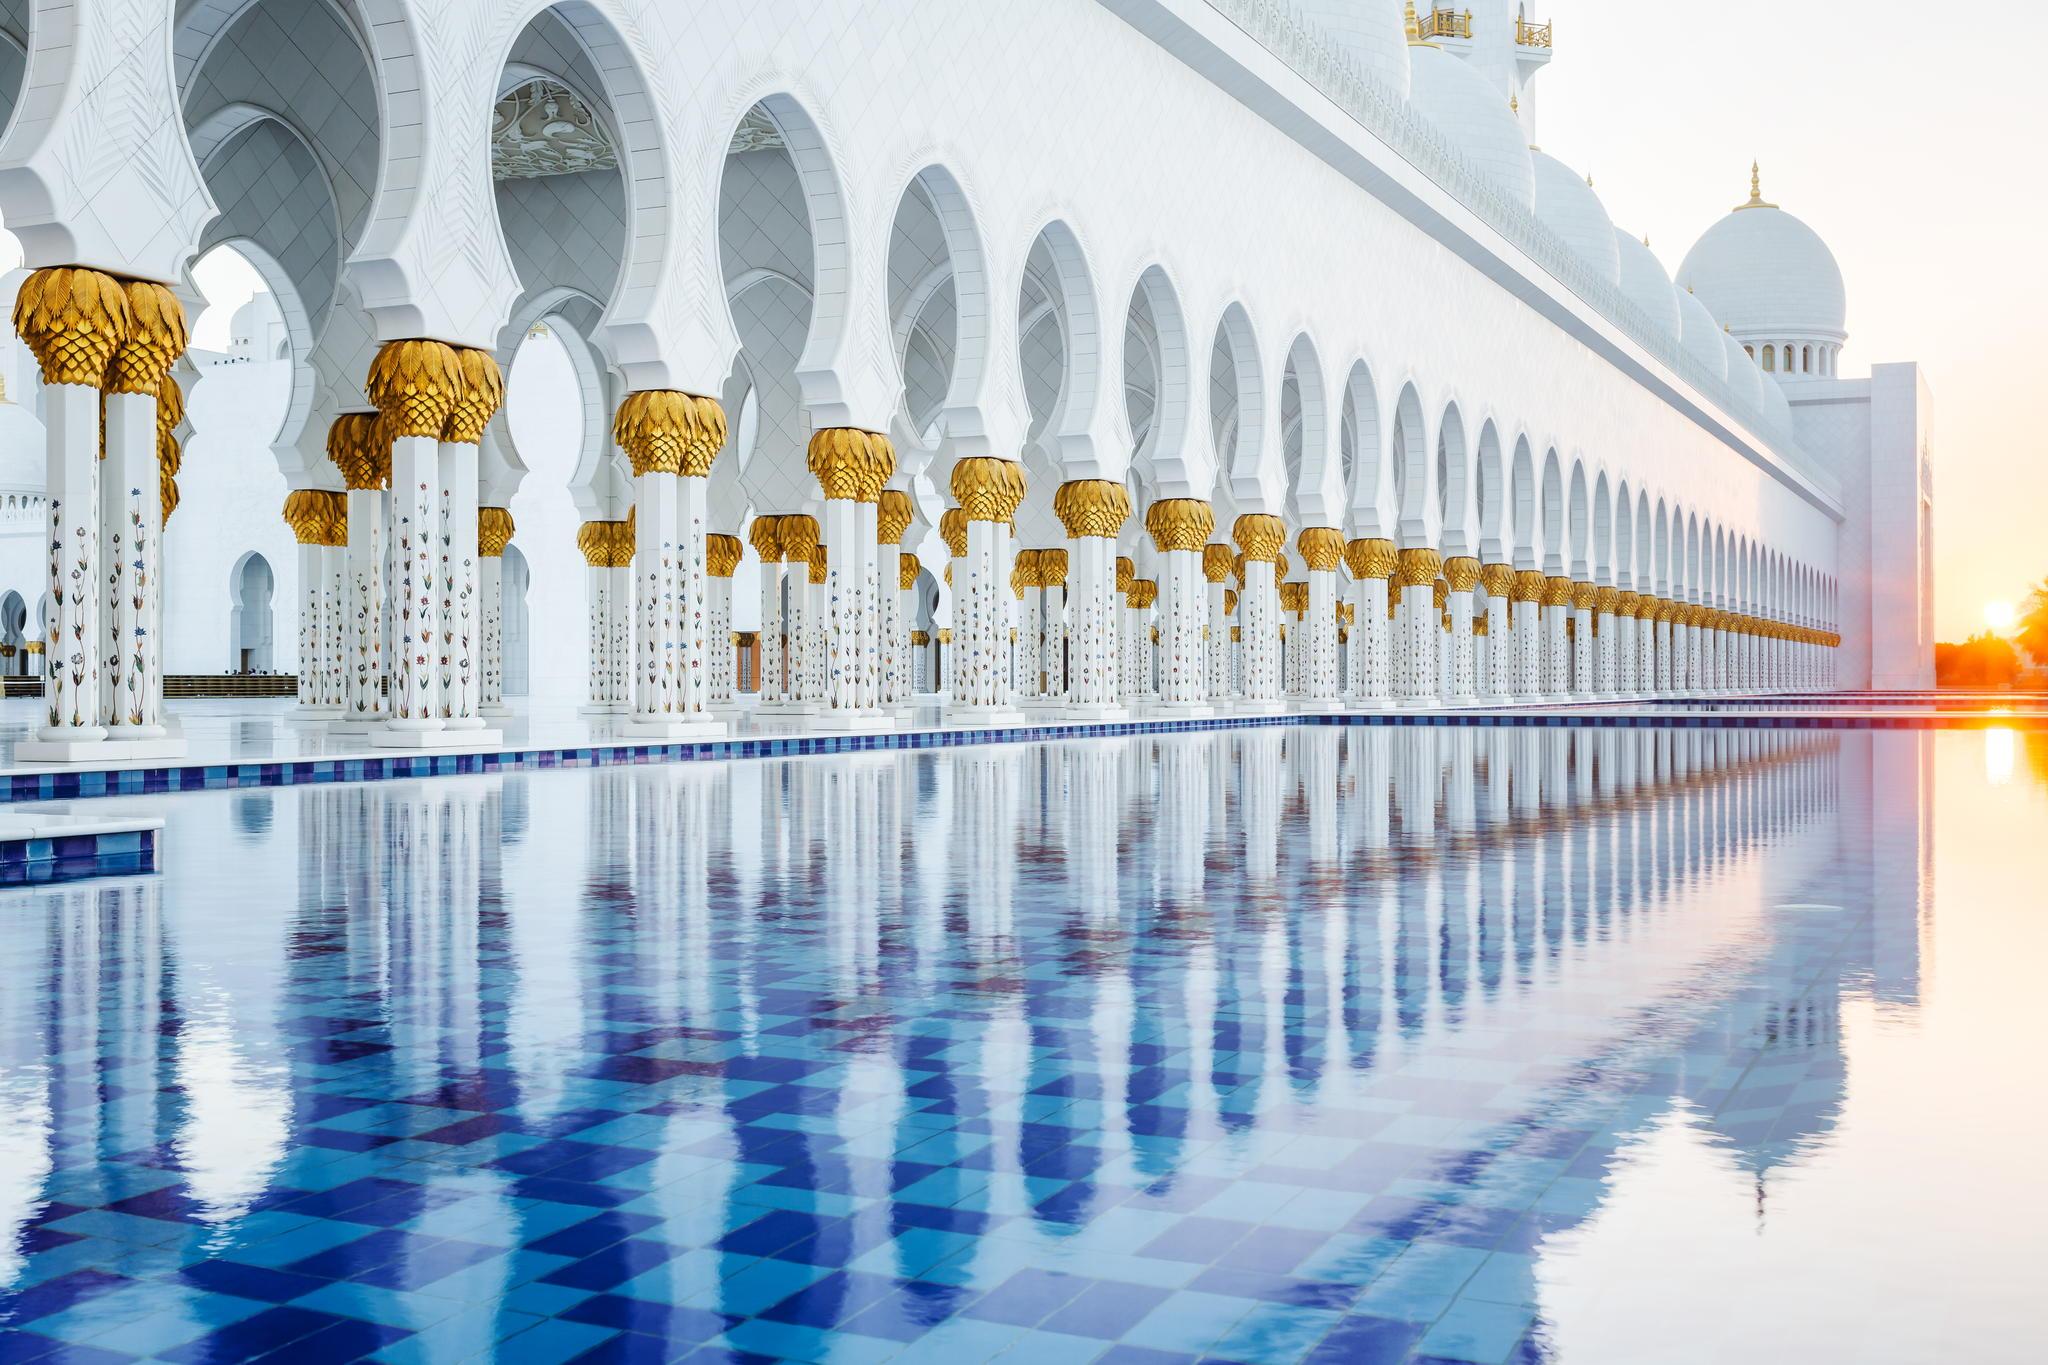 Sheikh Zayed Mosque - abu dhabi - خیالباف -